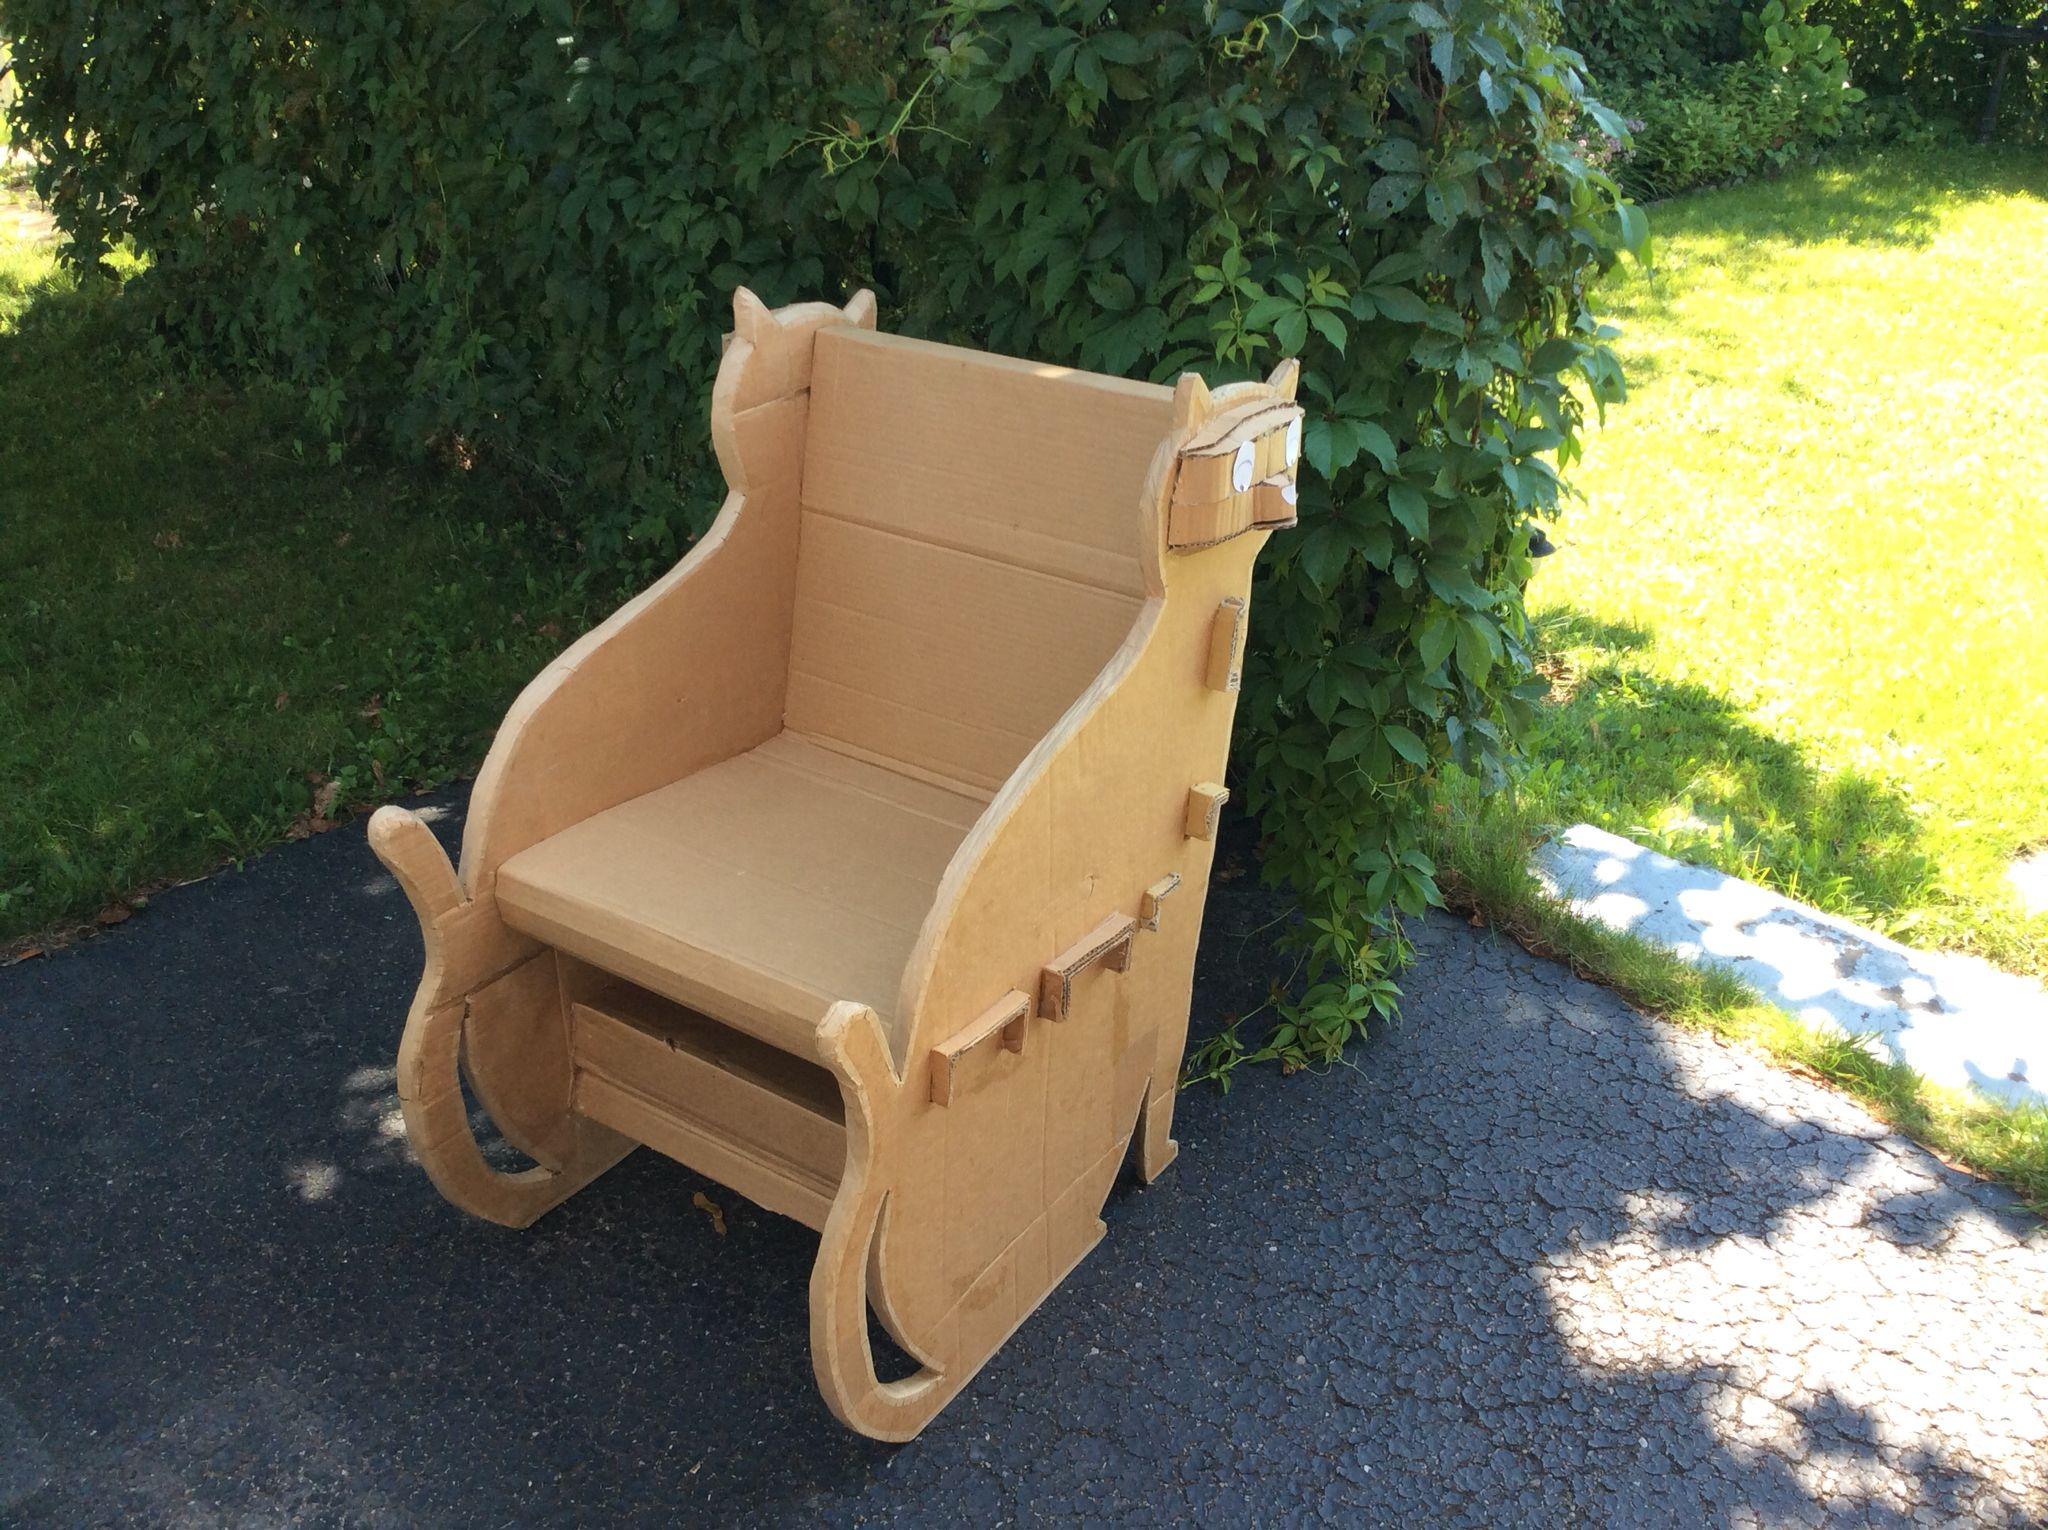 Fauteuil Chat De Carton Prototype 1 Demontre La Solidite De La Construction Toddler Bed Decor Home Decor